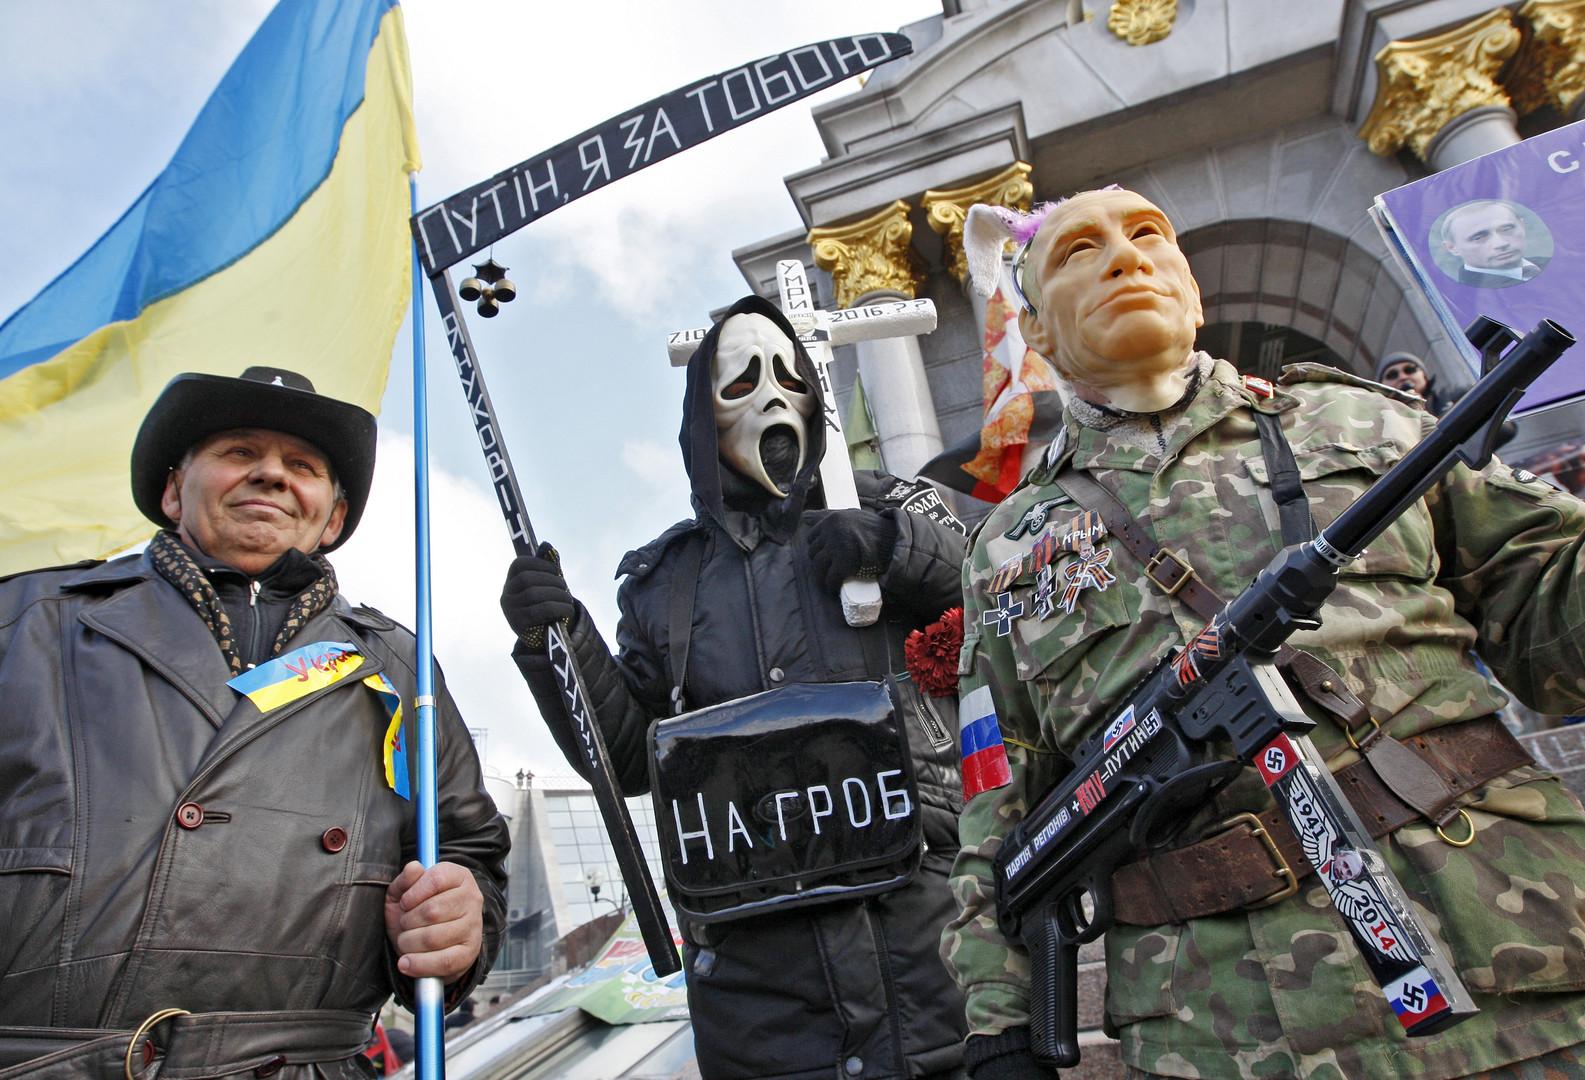 War der Maidan liberal oder nationalistisch? Eine Ex-Maidan-Aktivistin zieht Bilanz